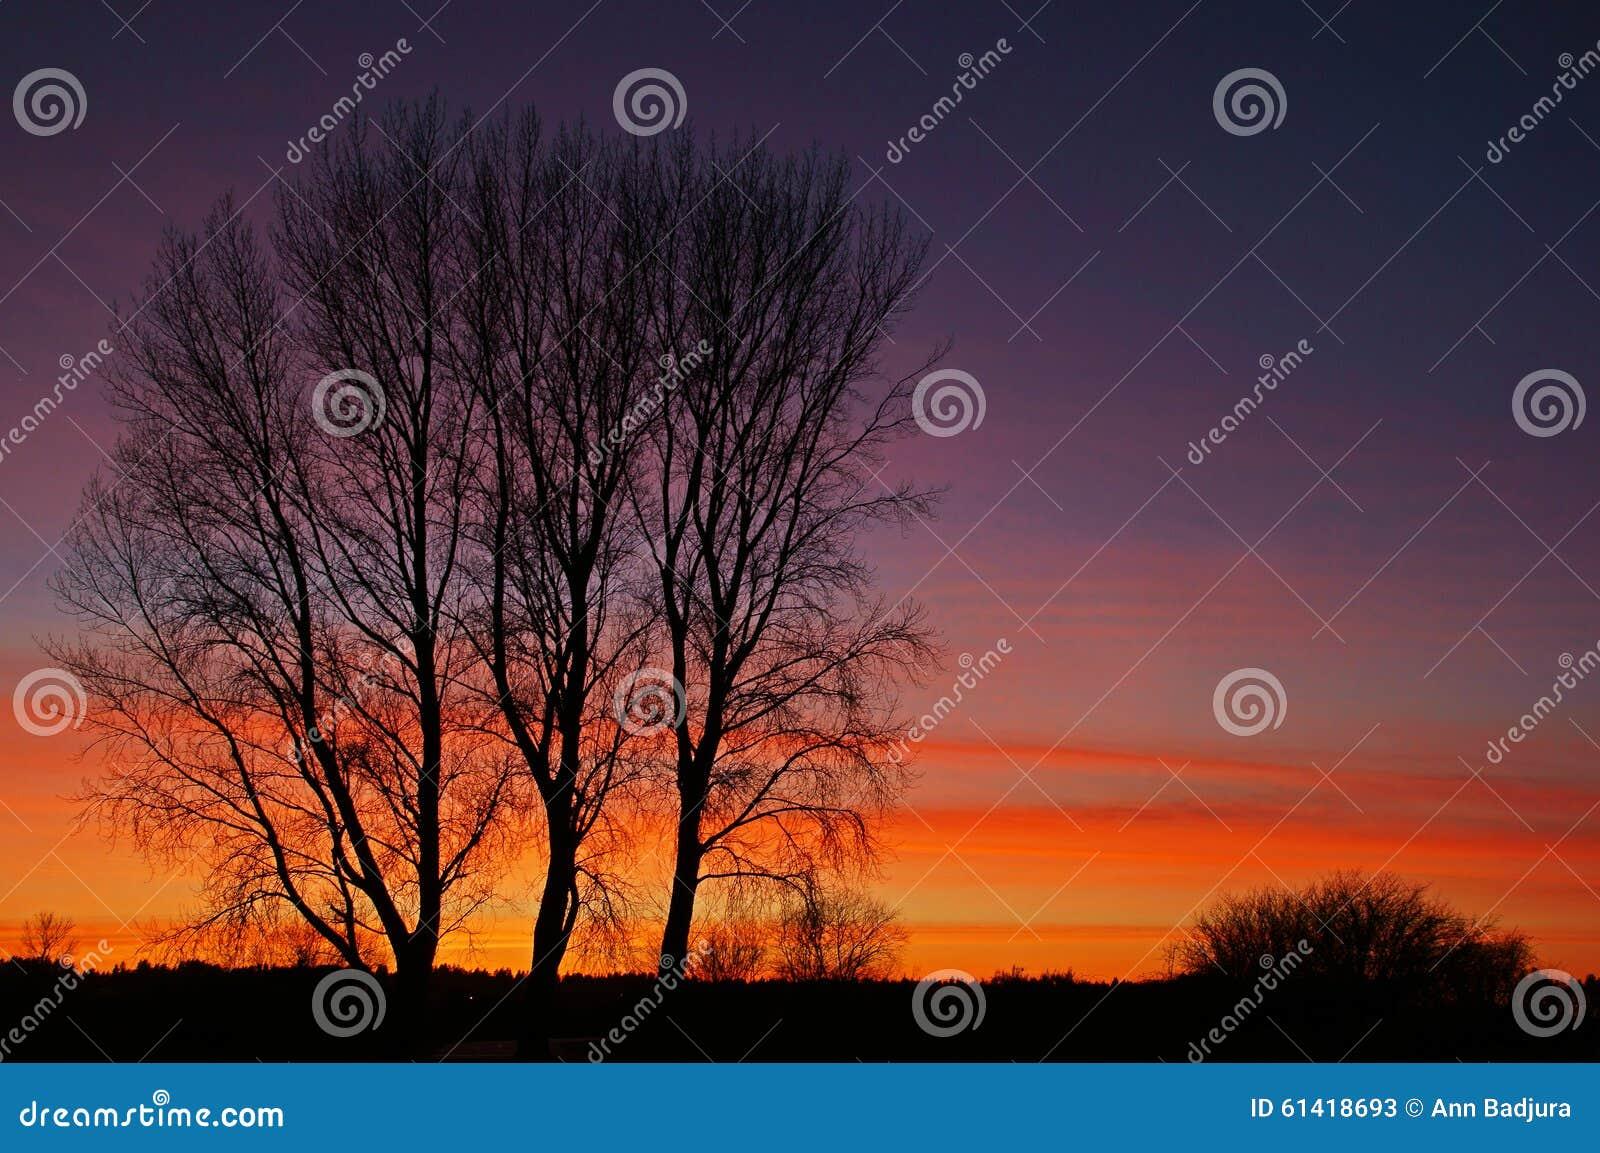 επάνω από το φωτεινό χειμώνα ανώτατων δέντρων ηλιοβασιλέματος ήλιων γουνών κόκκινο